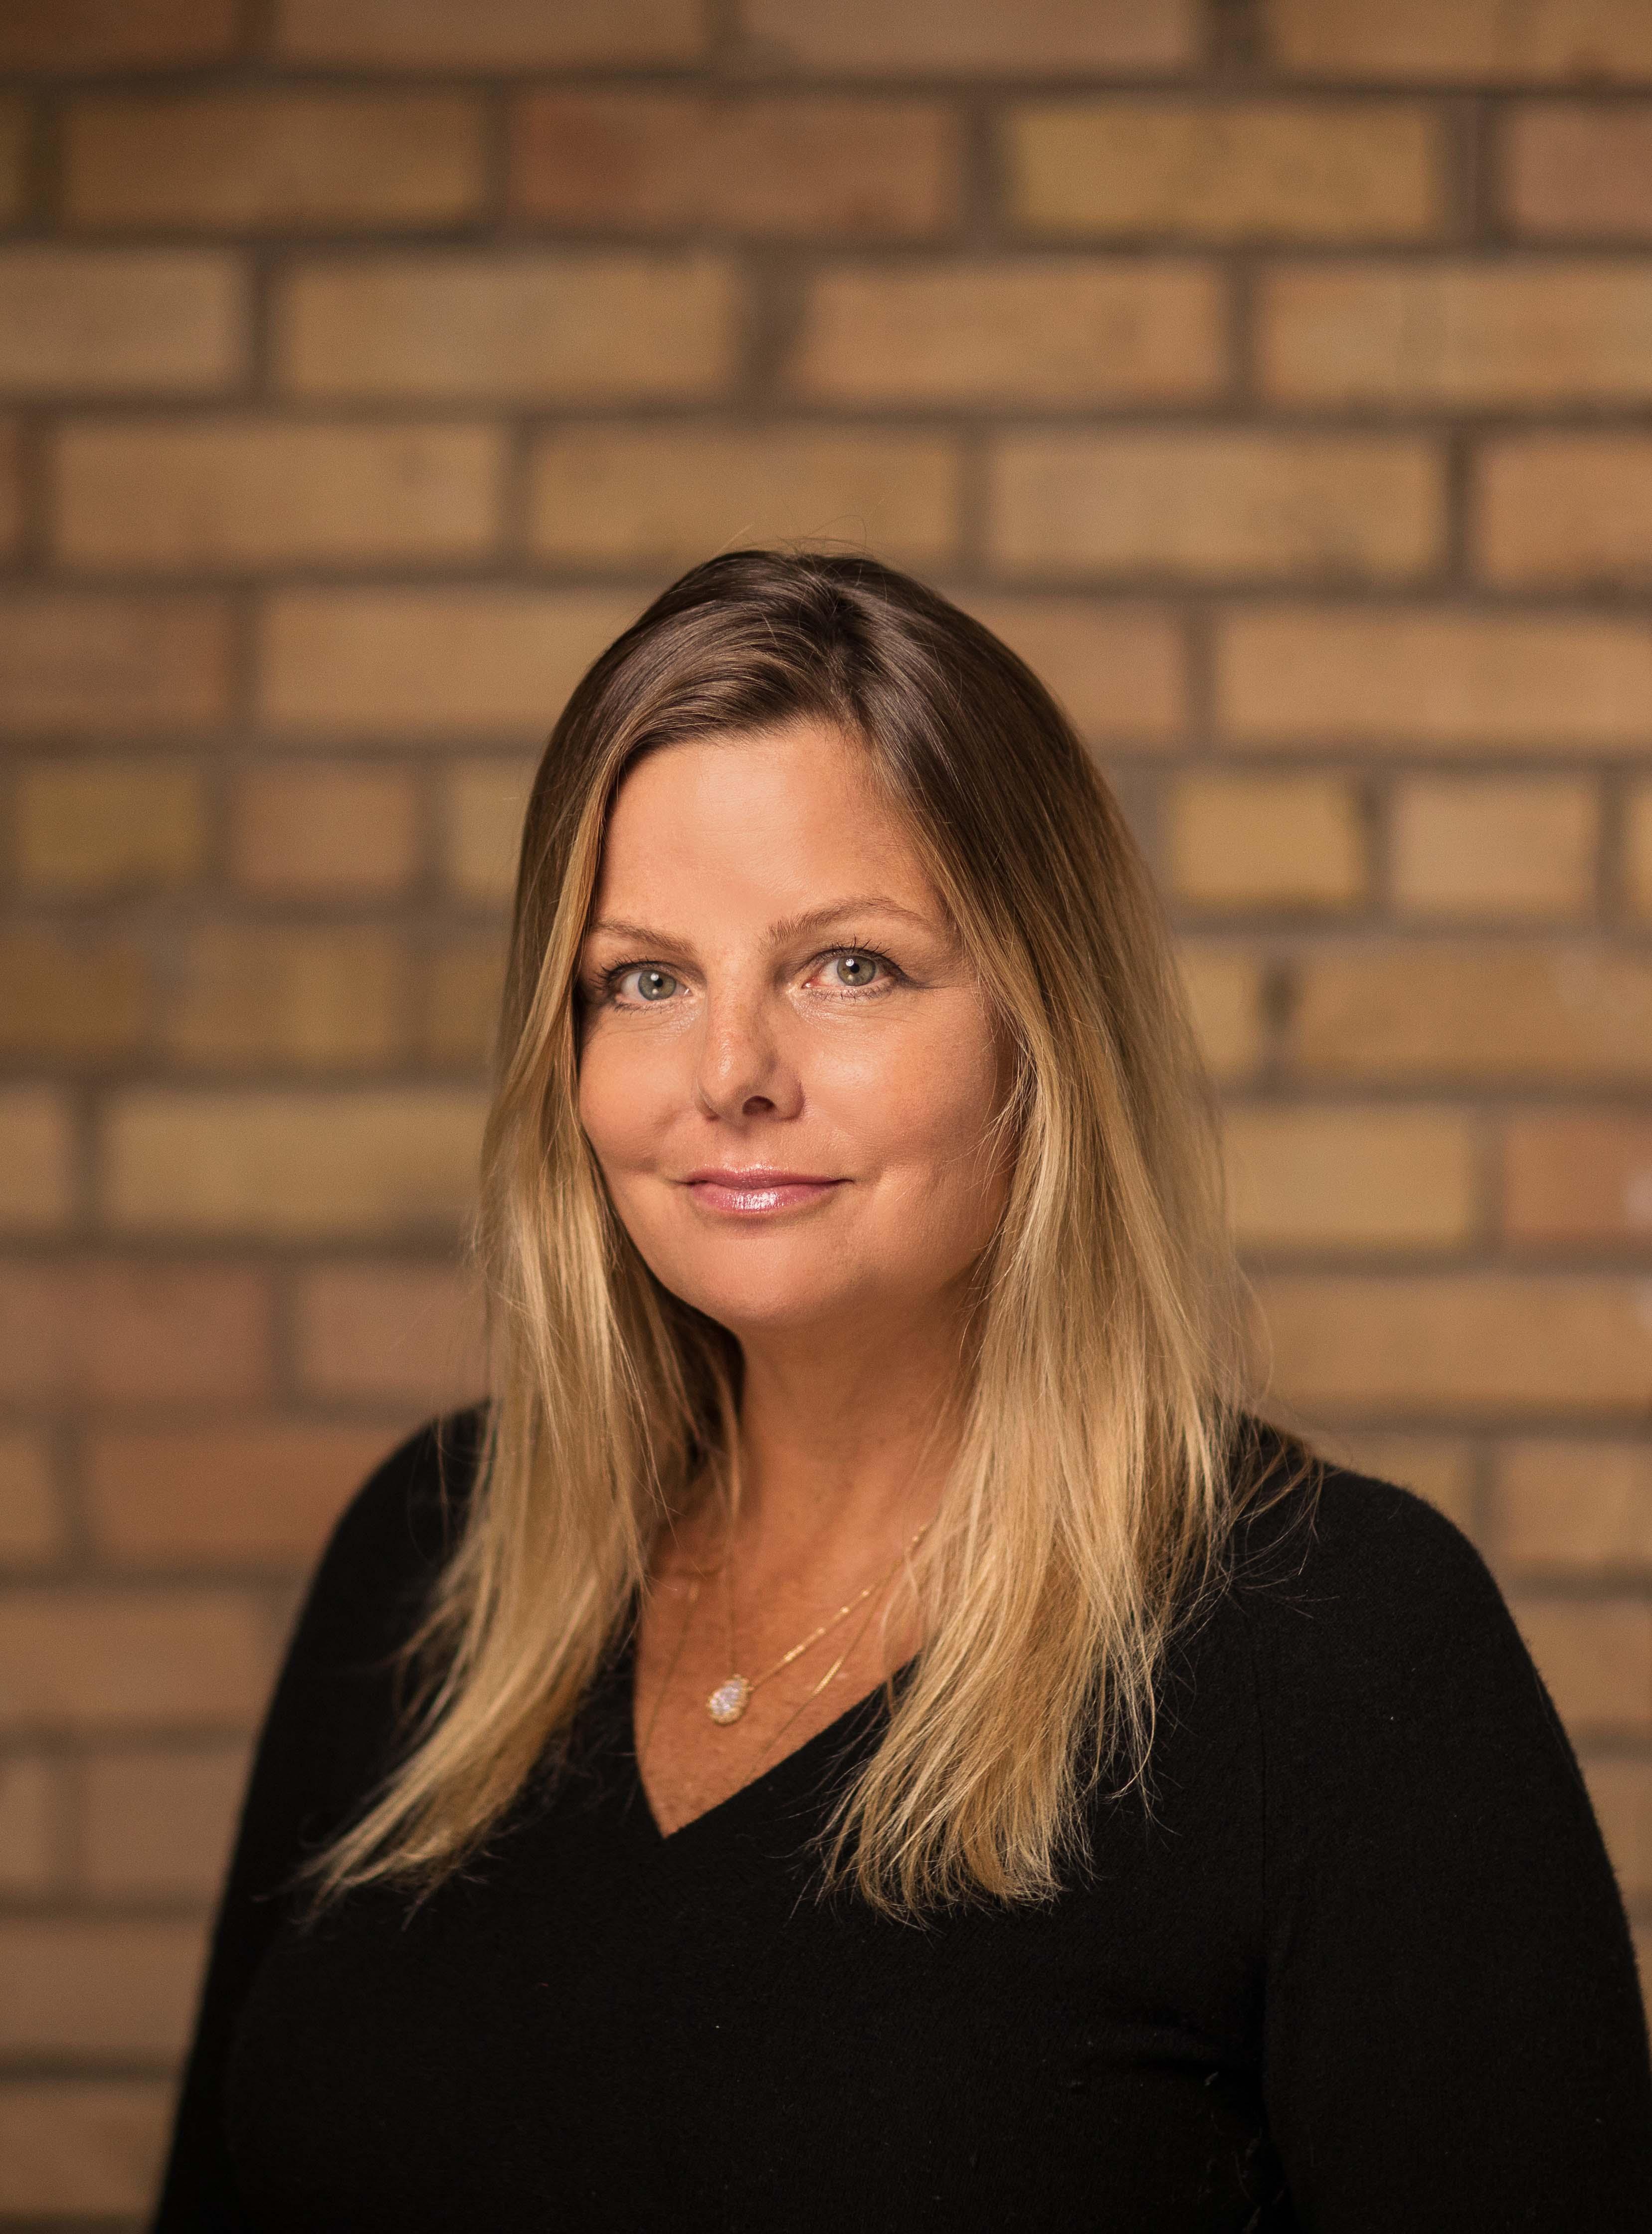 Pauline Olsen